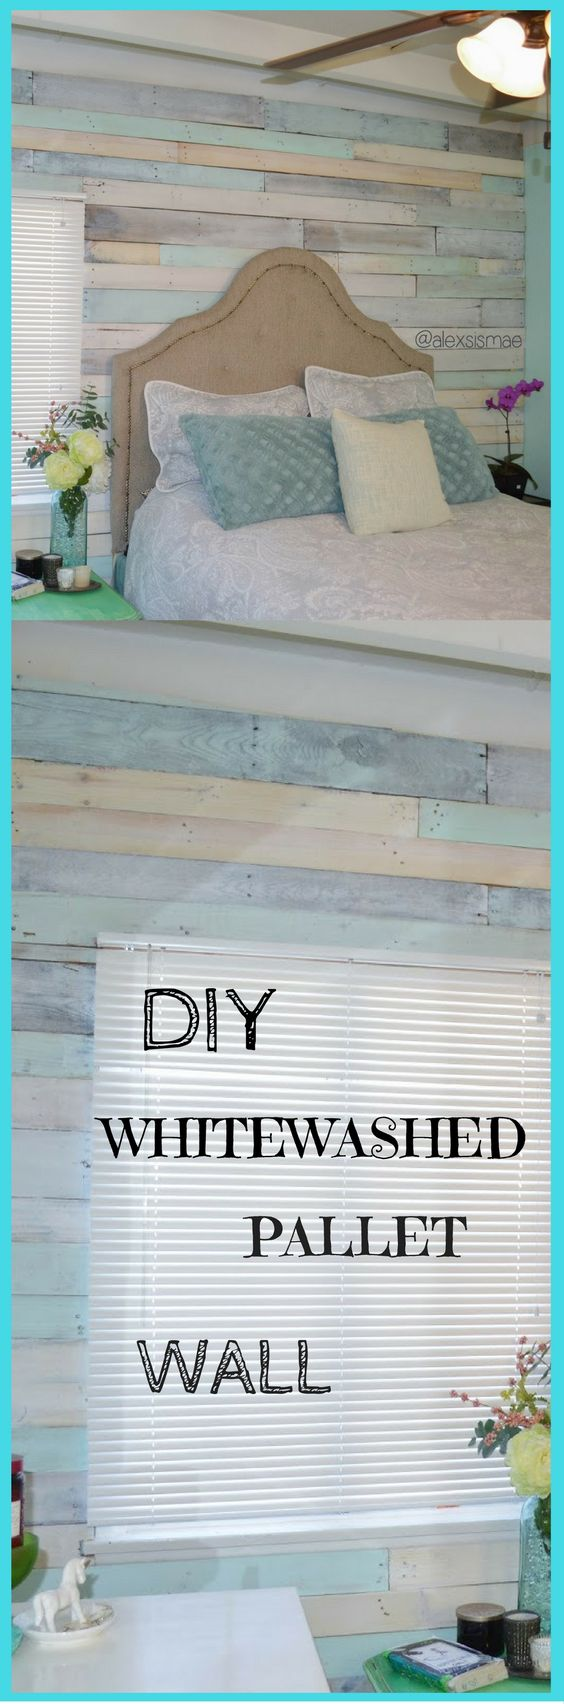 DIY Whitewashed Pallet Wall.